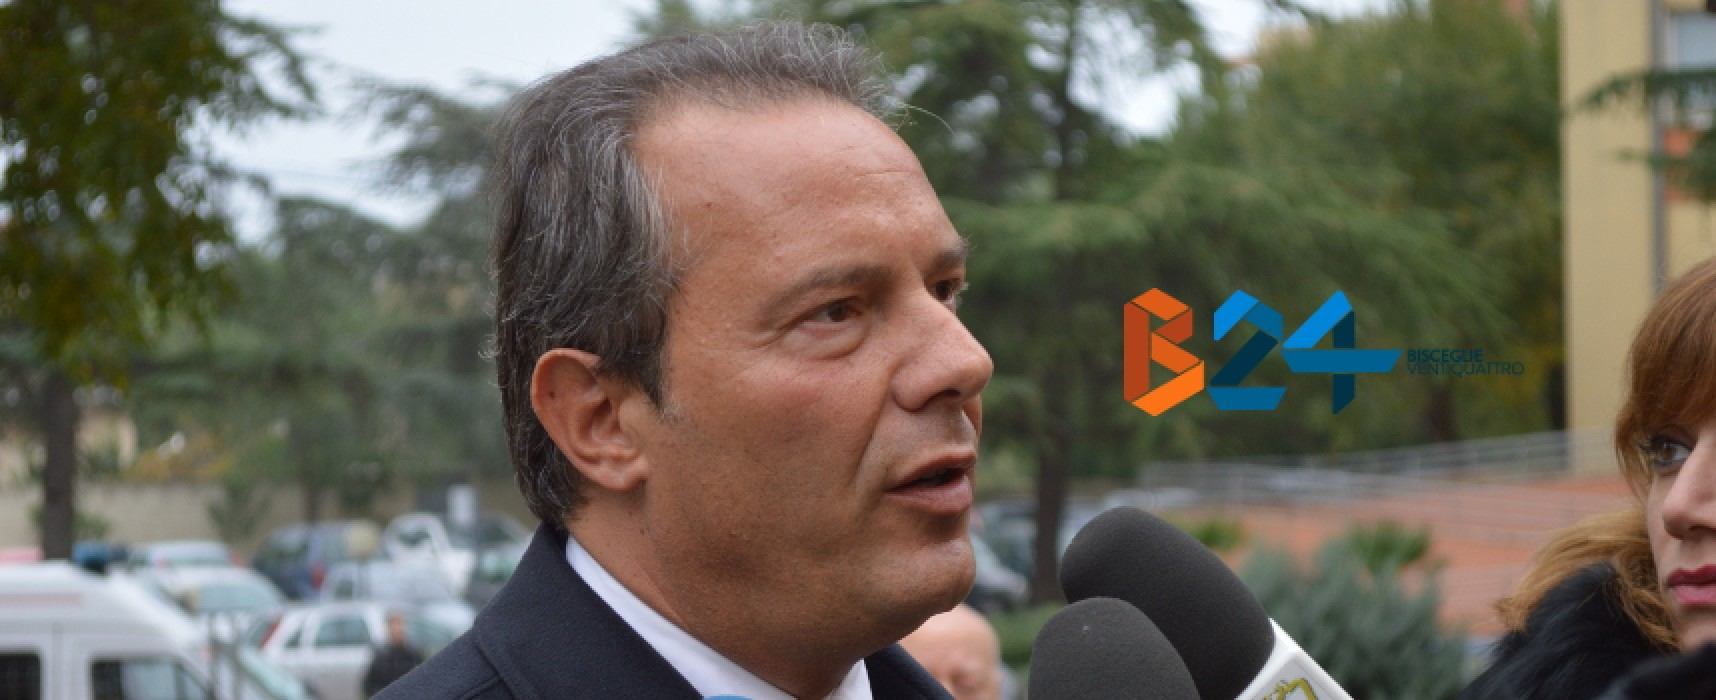 """Spina replica a Cozzoli: """"Nessuna polemica ma si rendano pubblici i compensi degli incarichi"""""""